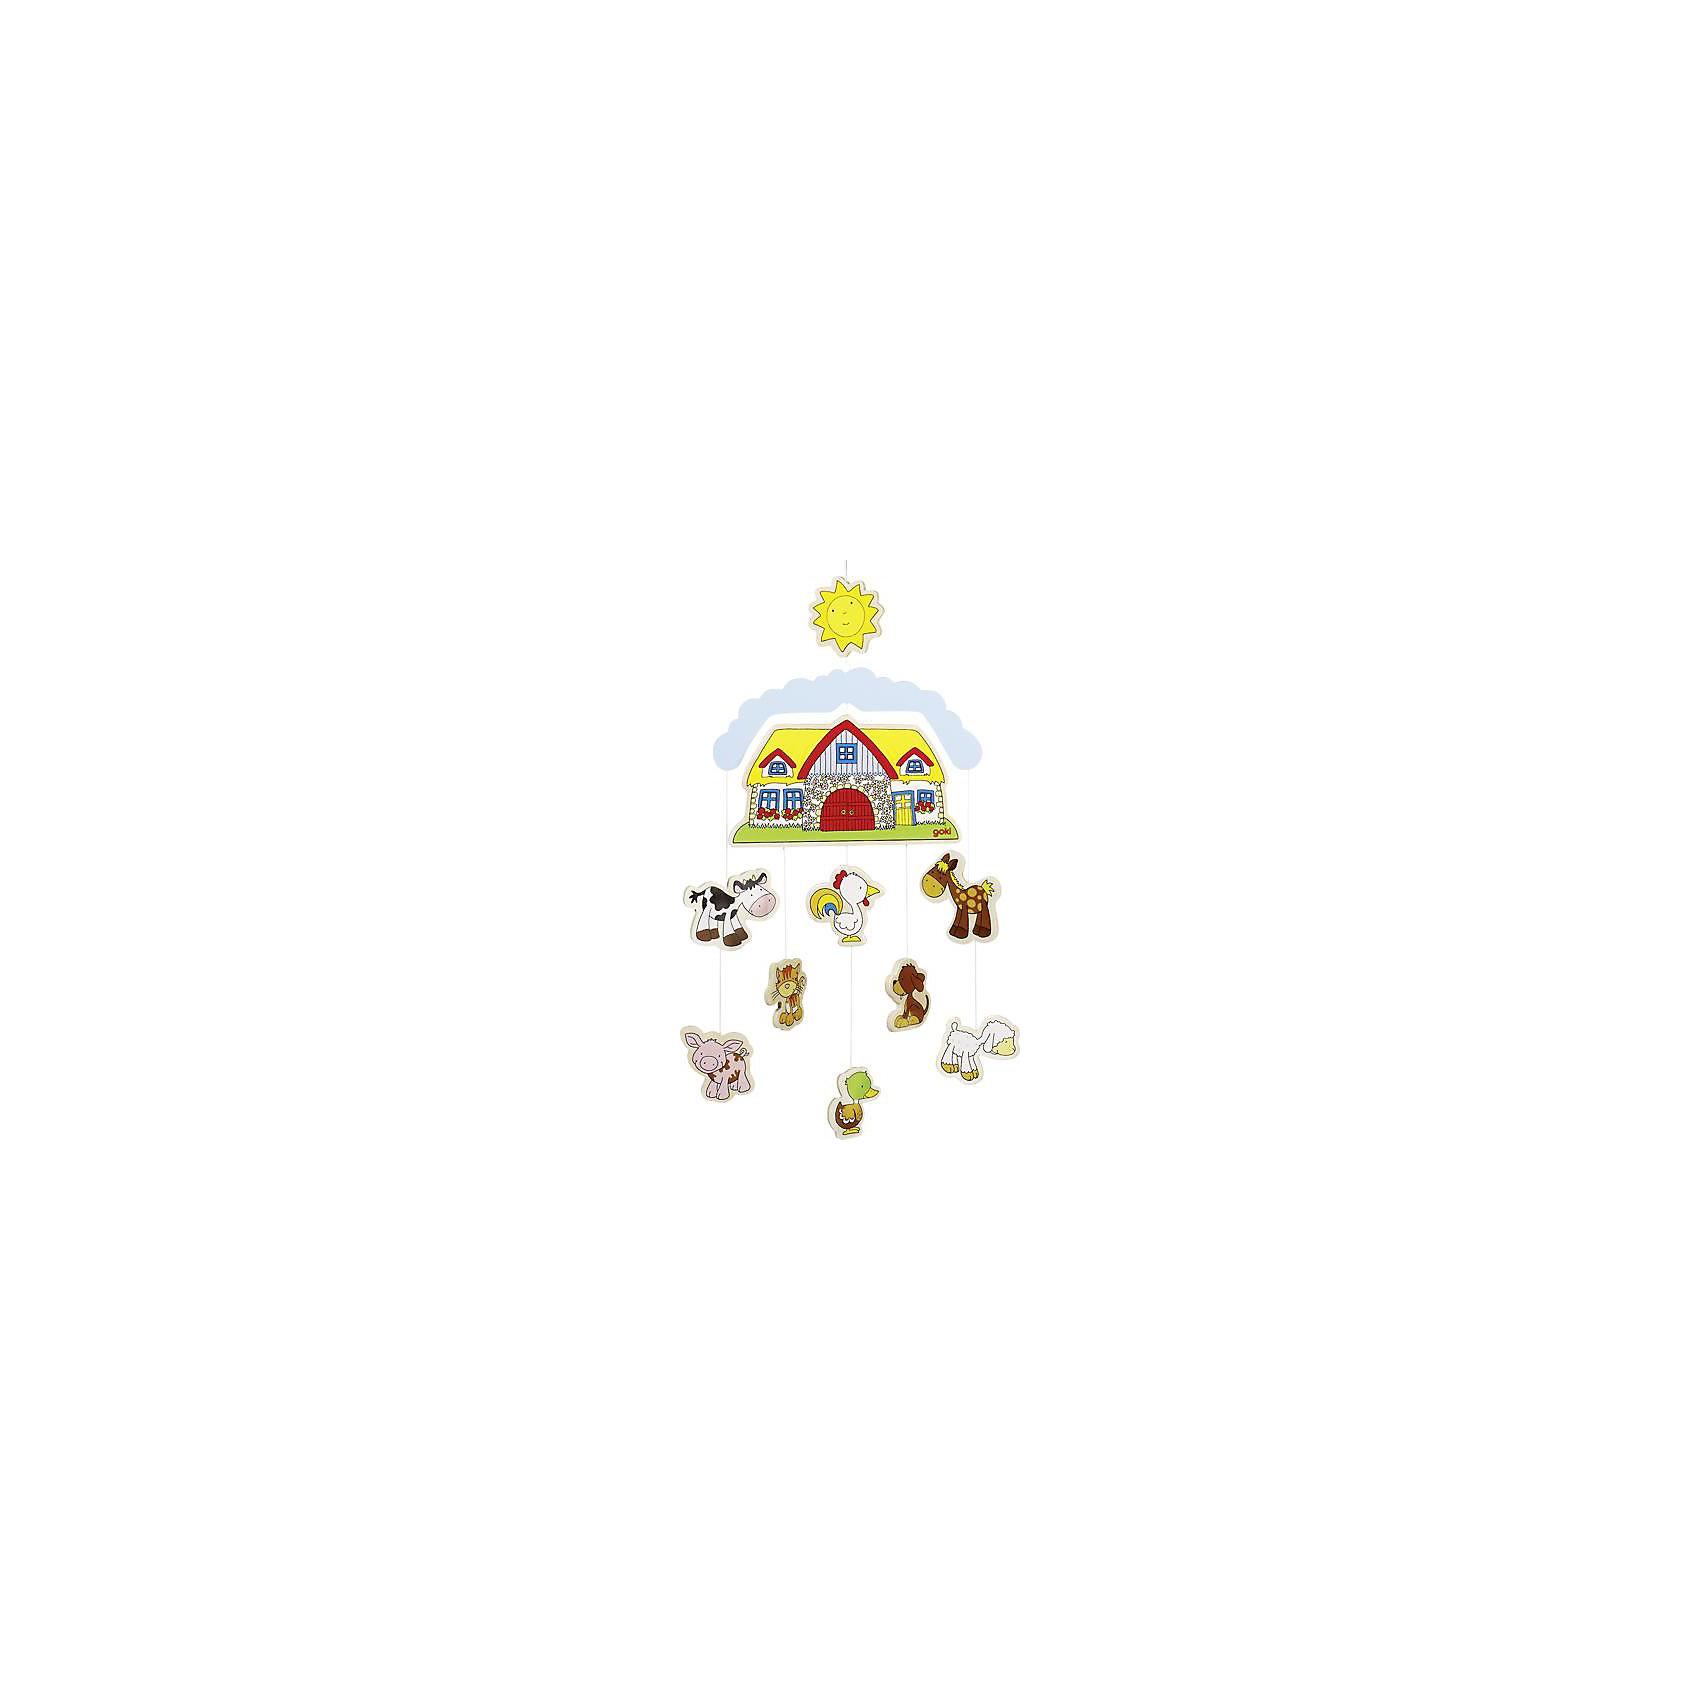 Мобиле Ферма, gokiМобили<br>Характеристики товара:<br><br>- цвет: разноцветный;<br>- для новорожденных;<br>- размер: 25x43x25 см;<br>- вес: 240 г;<br>- легко подвесить над кроваткой.<br><br>Детская яркая подвеска – отличный подарок для ребенка. В процессе наблюдения за ней ребенок развивает воображение и внимание. Все детали выполнены в определенной тематике, поэтому мобиле смотрится очень органично и украшеает детскую комнату. <br>Такая игрушка позволит малышу с детства развивать цветовосприятие, также она помогает детям научиться фокусировать внимание. Изделие произведено из качественных материалов, безопасных для ребенка.<br><br>Мобиле Ферма от бренда GOKI можно купить в нашем интернет-магазине.<br><br>Ширина мм: 250<br>Глубина мм: 430<br>Высота мм: 250<br>Вес г: 240<br>Возраст от месяцев: 3<br>Возраст до месяцев: 24<br>Пол: Унисекс<br>Возраст: Детский<br>SKU: 5155321